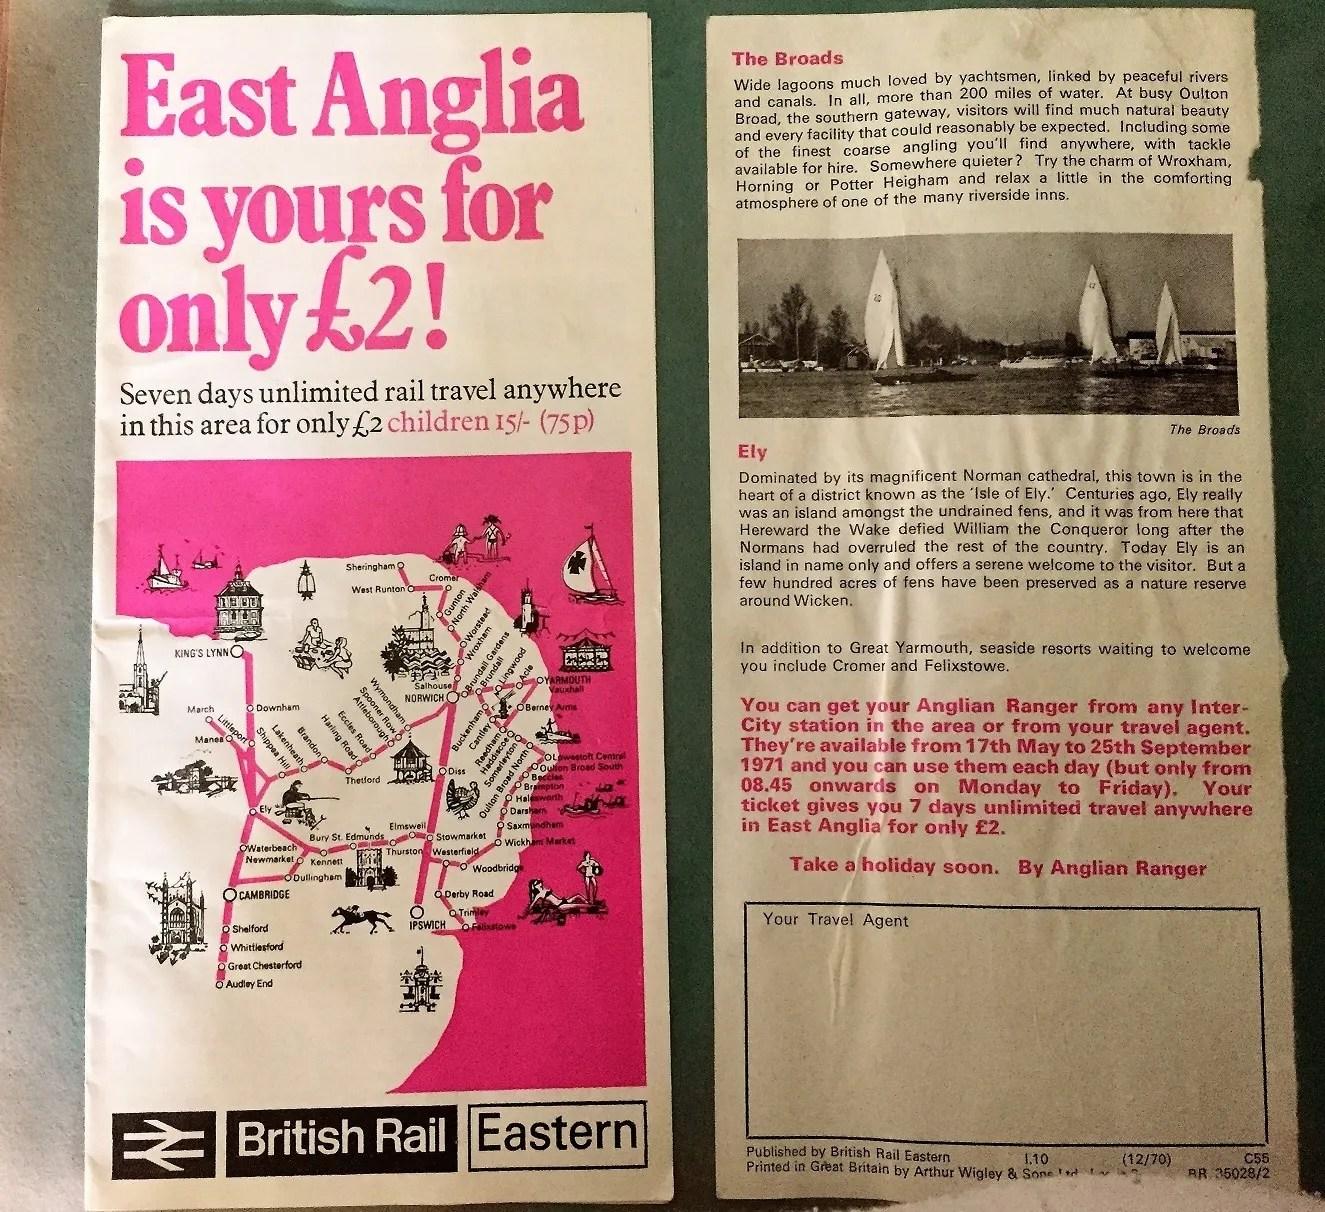 British Rail 1970s leaflet - British Rail Eastern Region Rover - British Rail Eastern Region Map